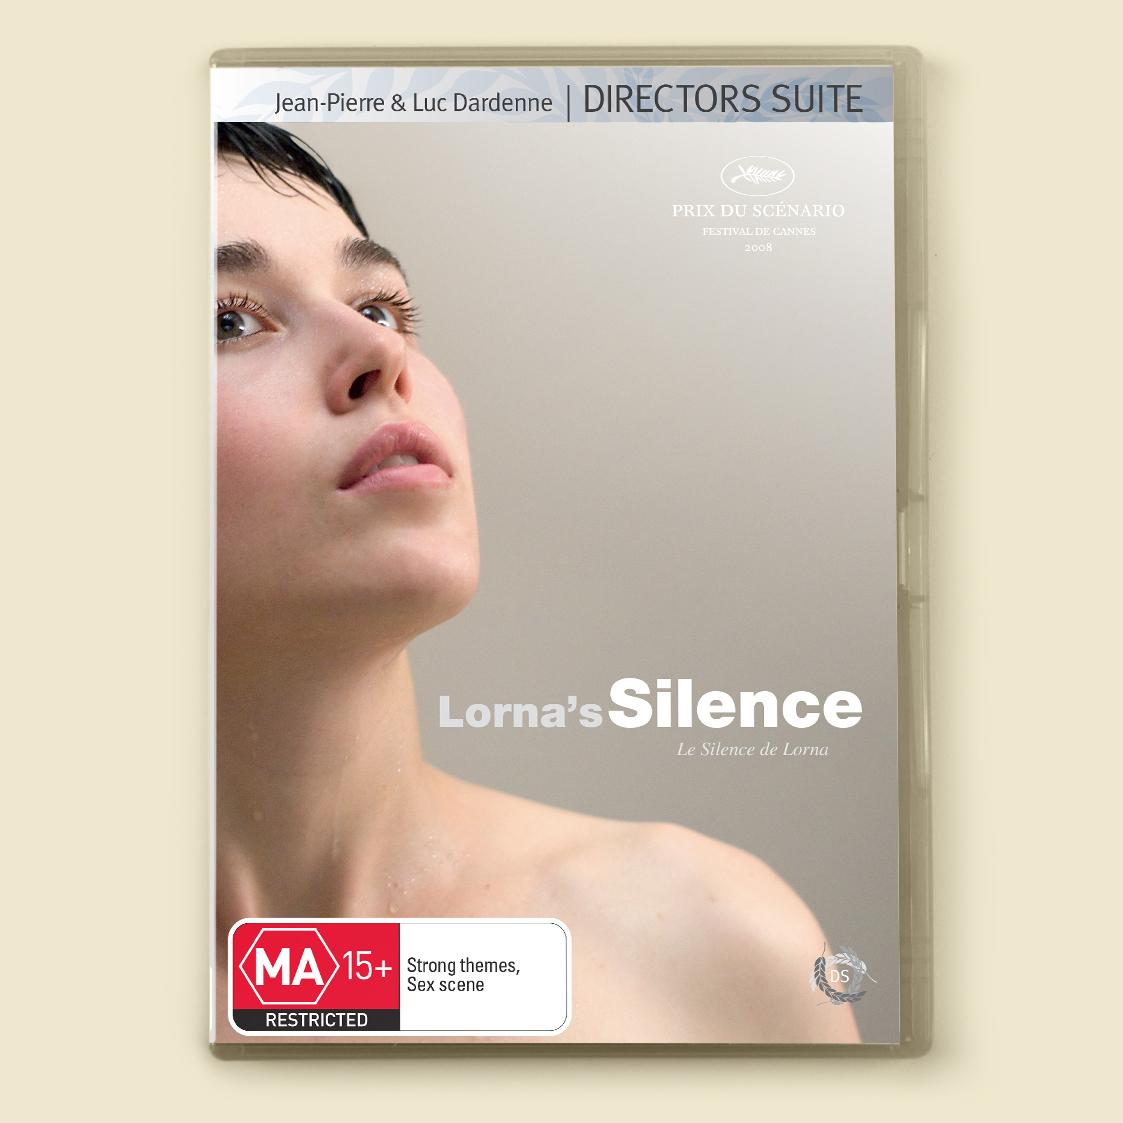 06_LornaSilence.jpg